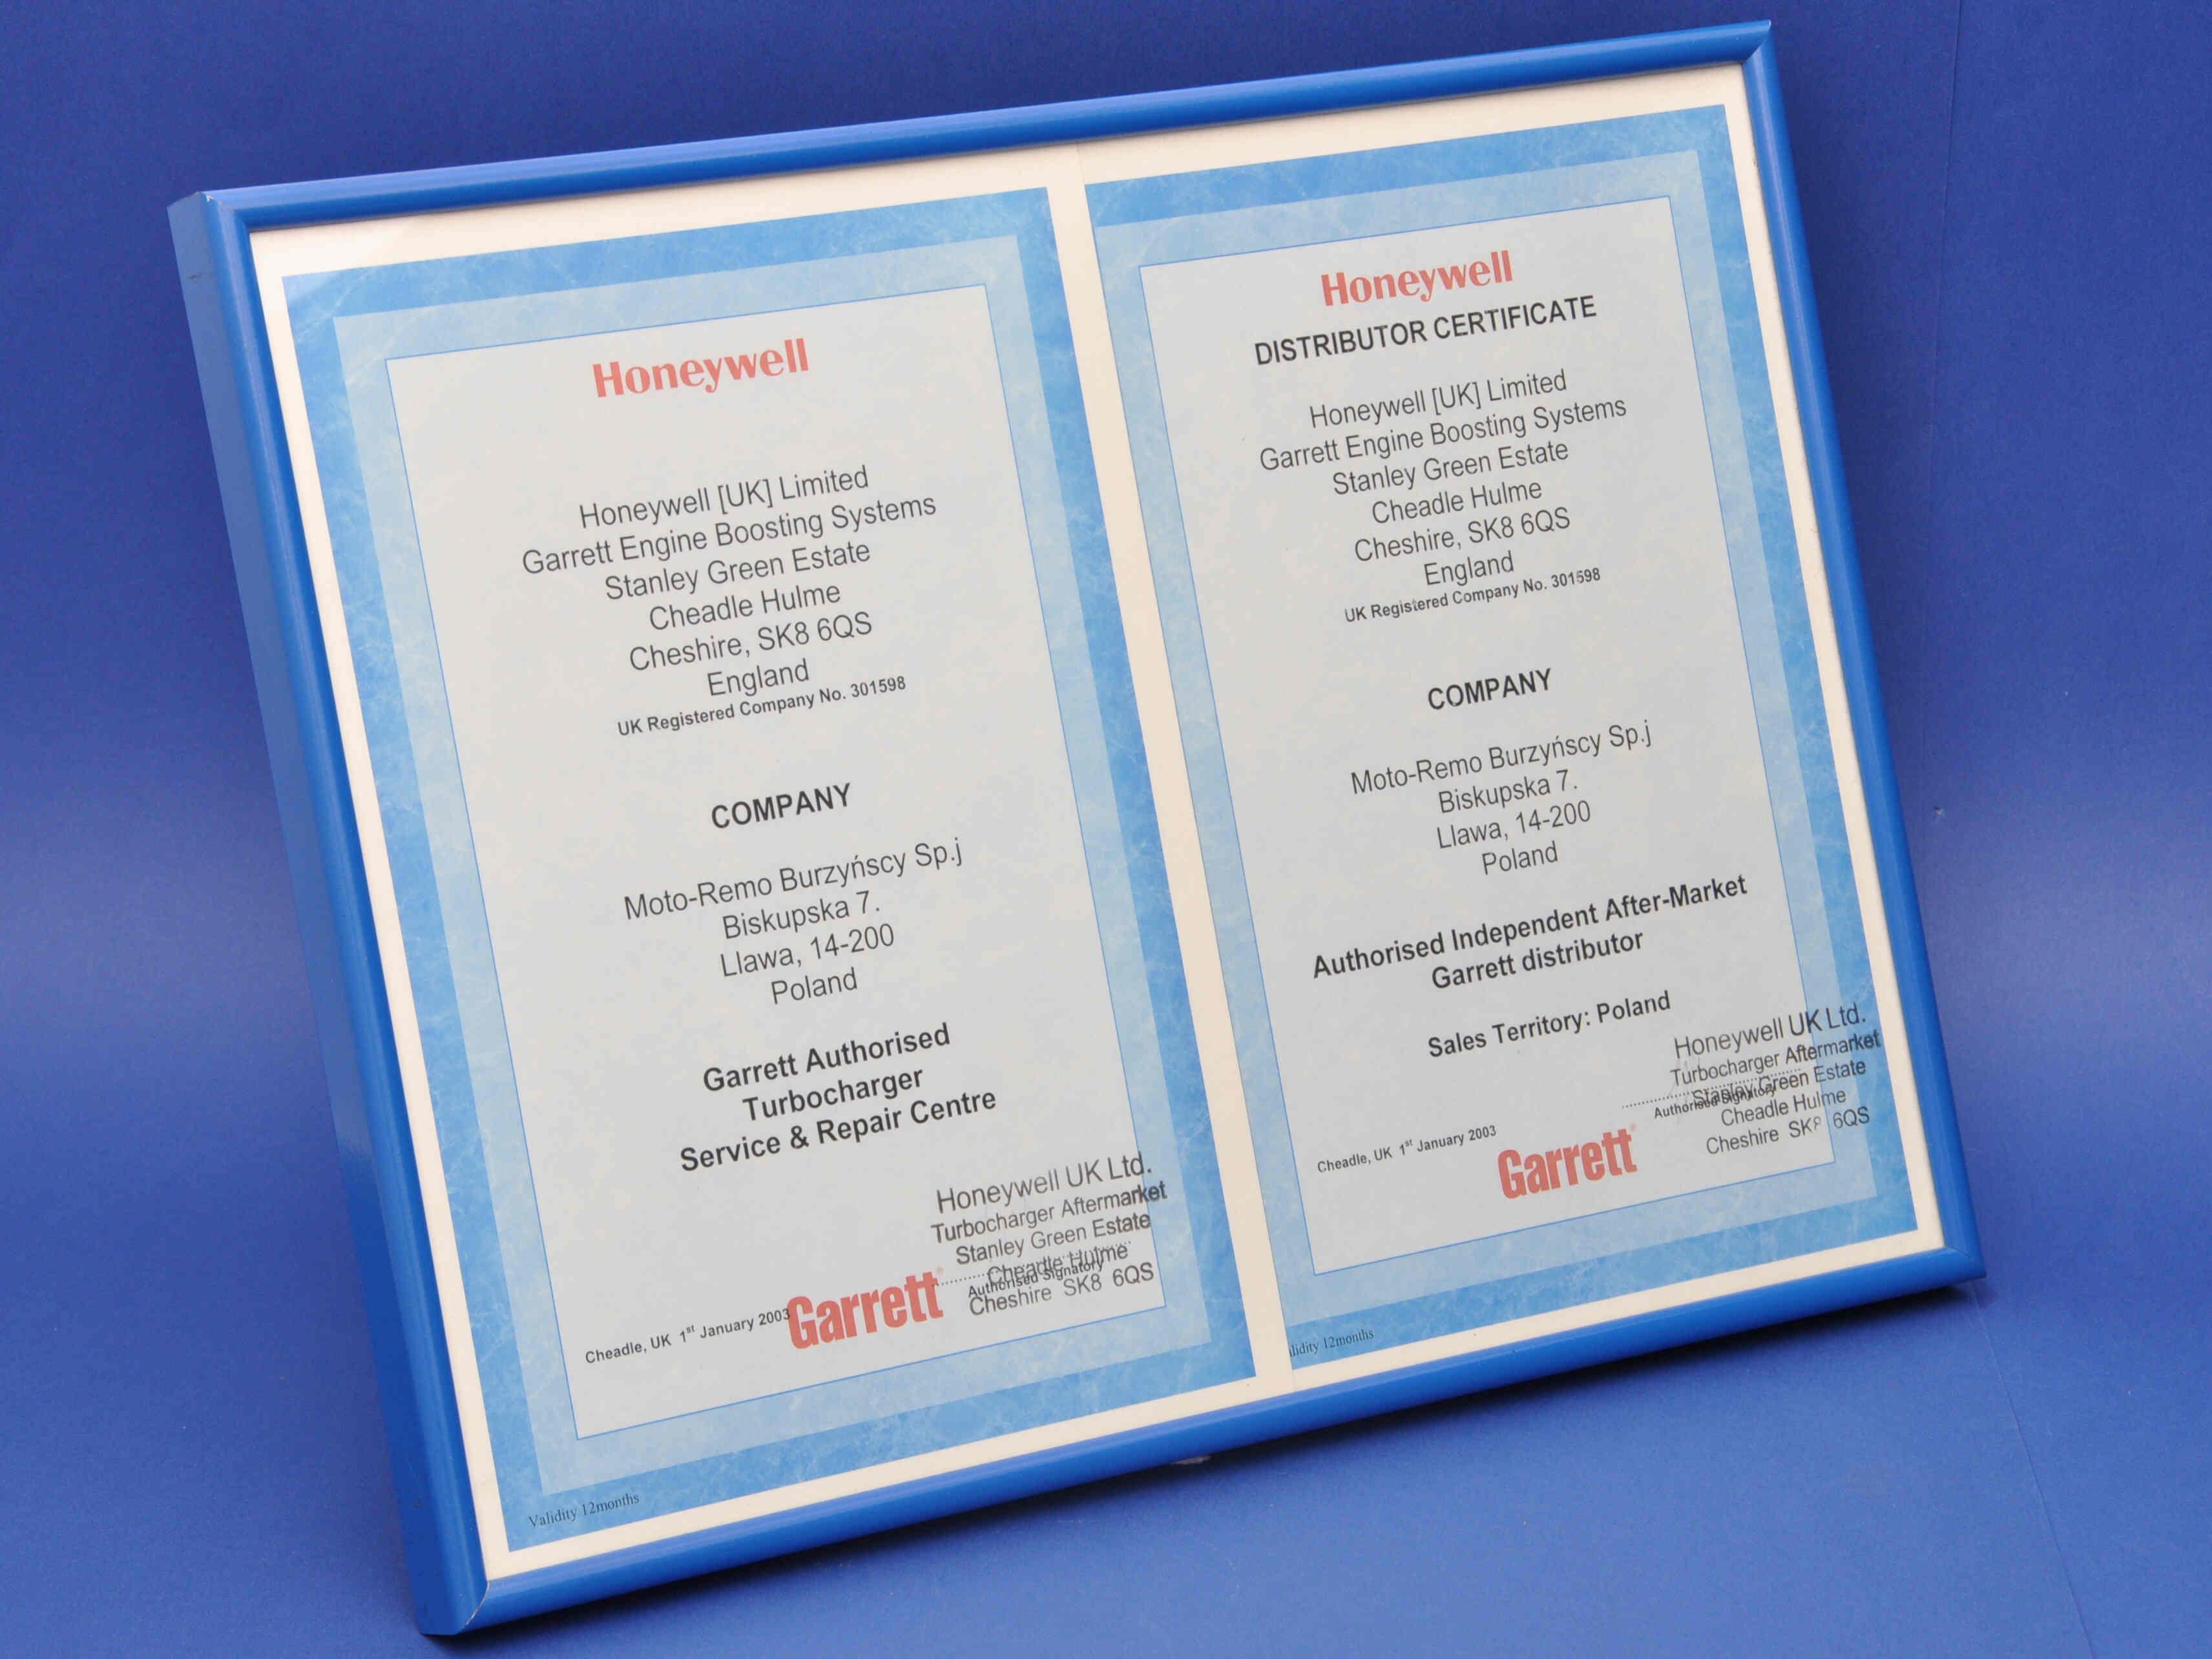 garrett certificate 2003